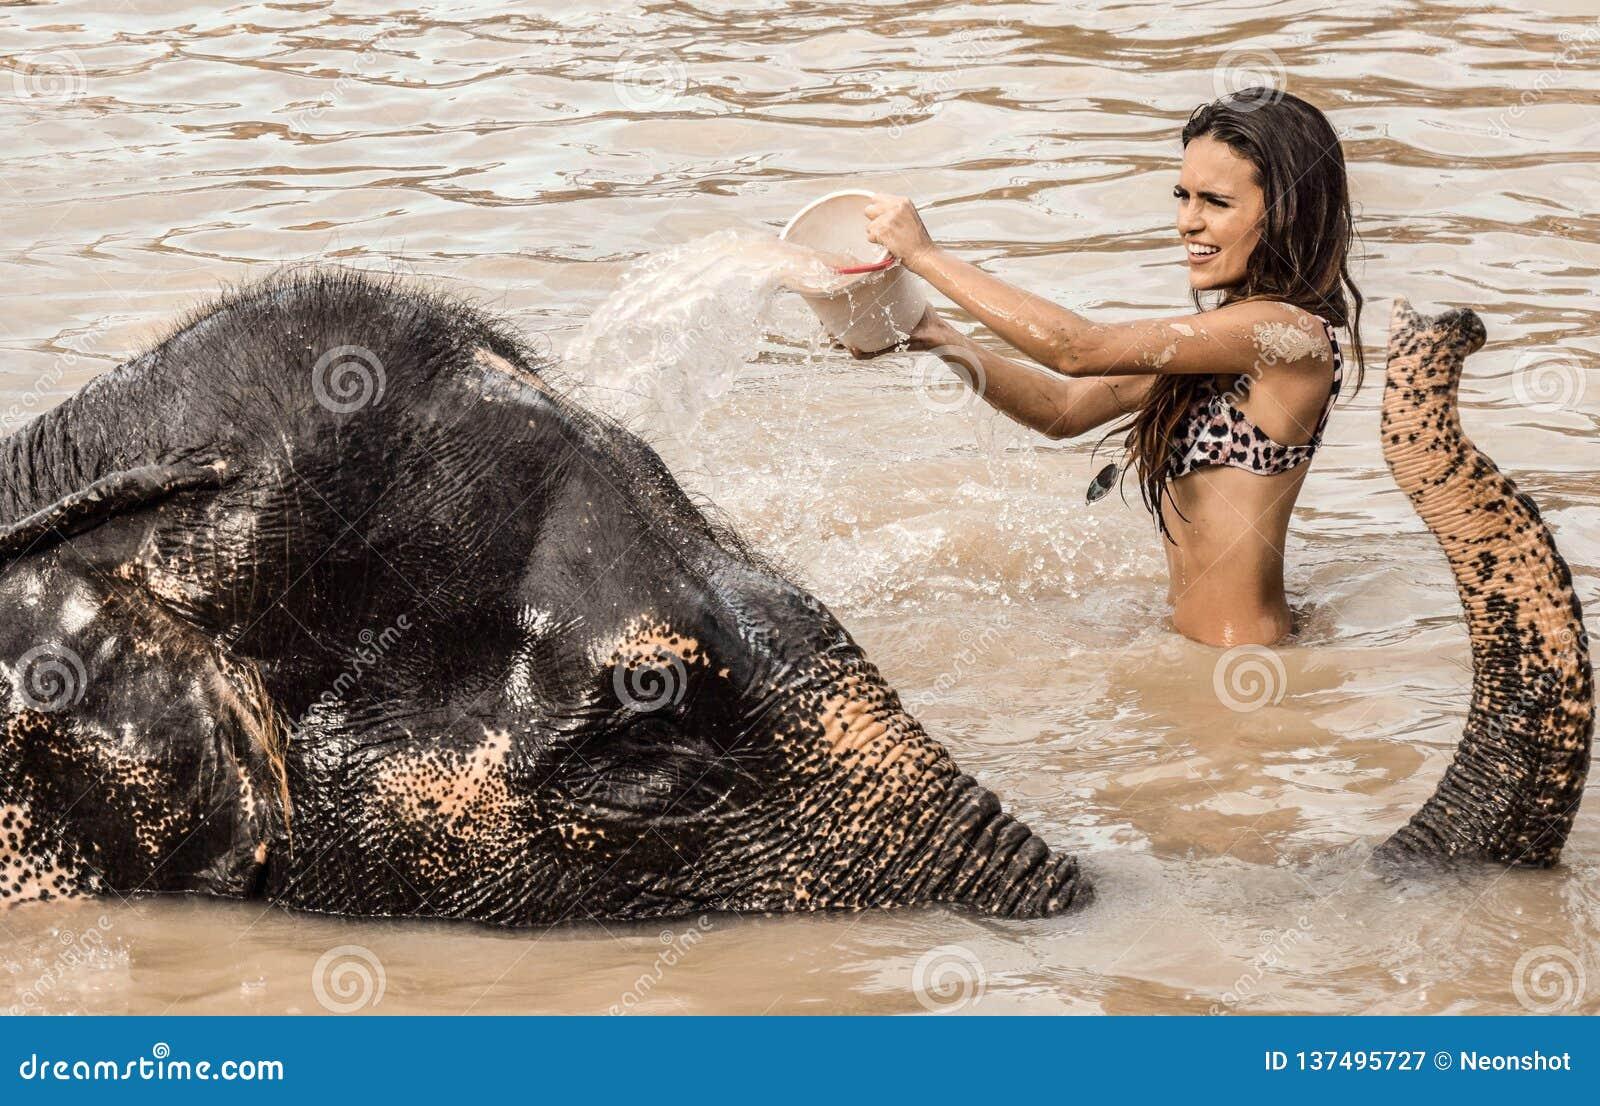 Menina que lava um elefante